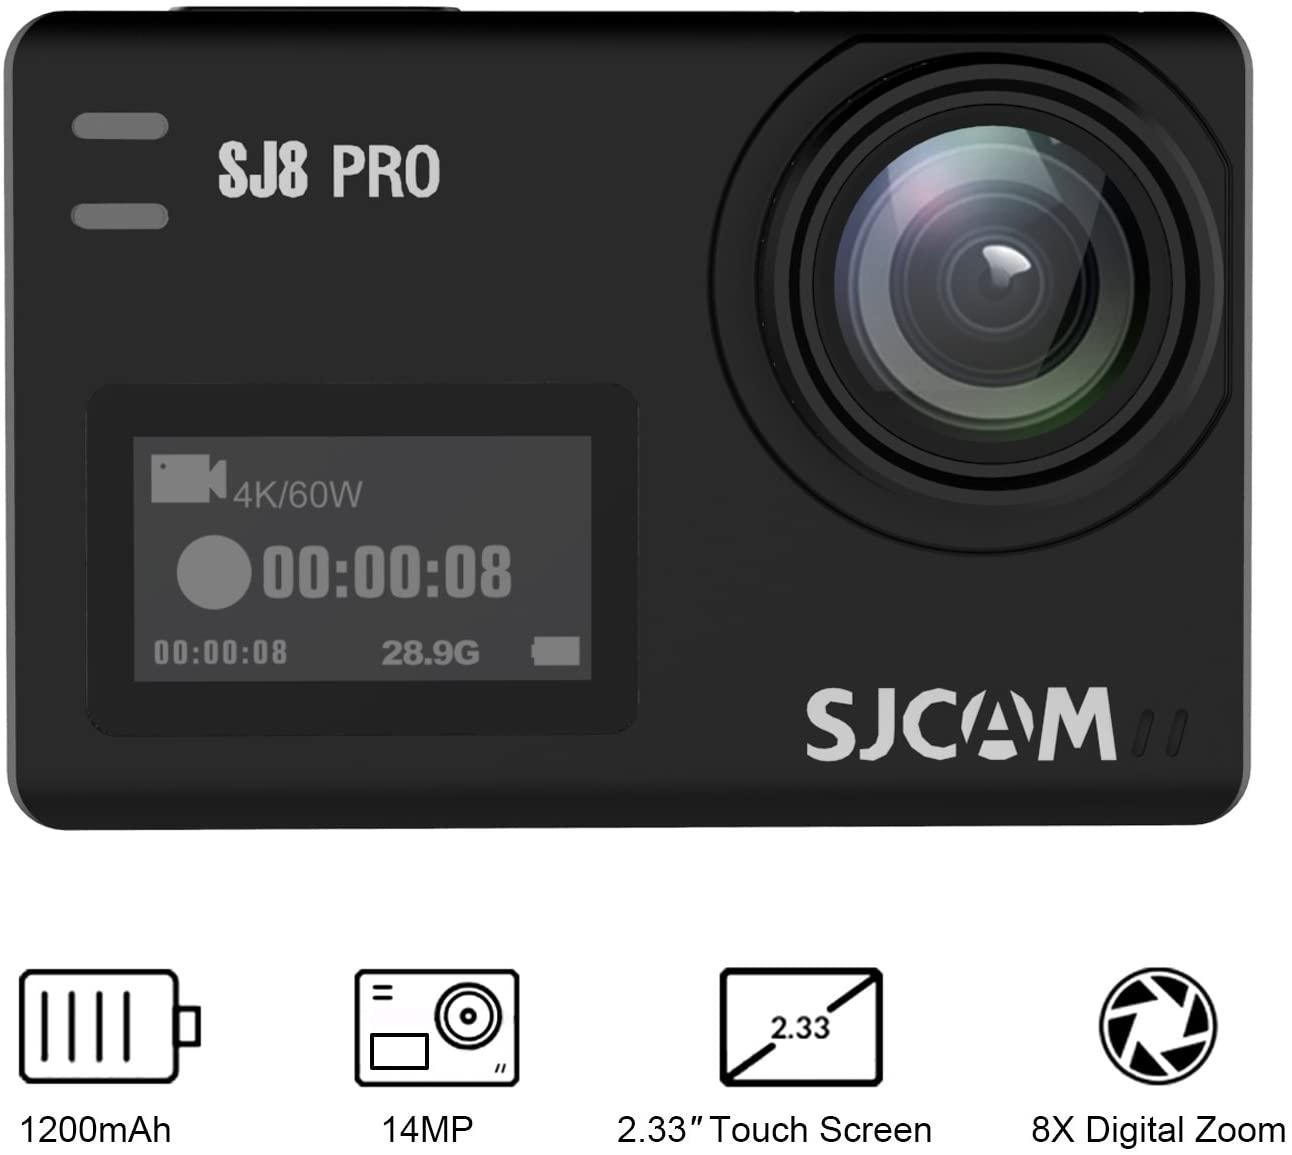 cámara deportiva para Surf, kite y sup SJ CAM SJ8 Pro